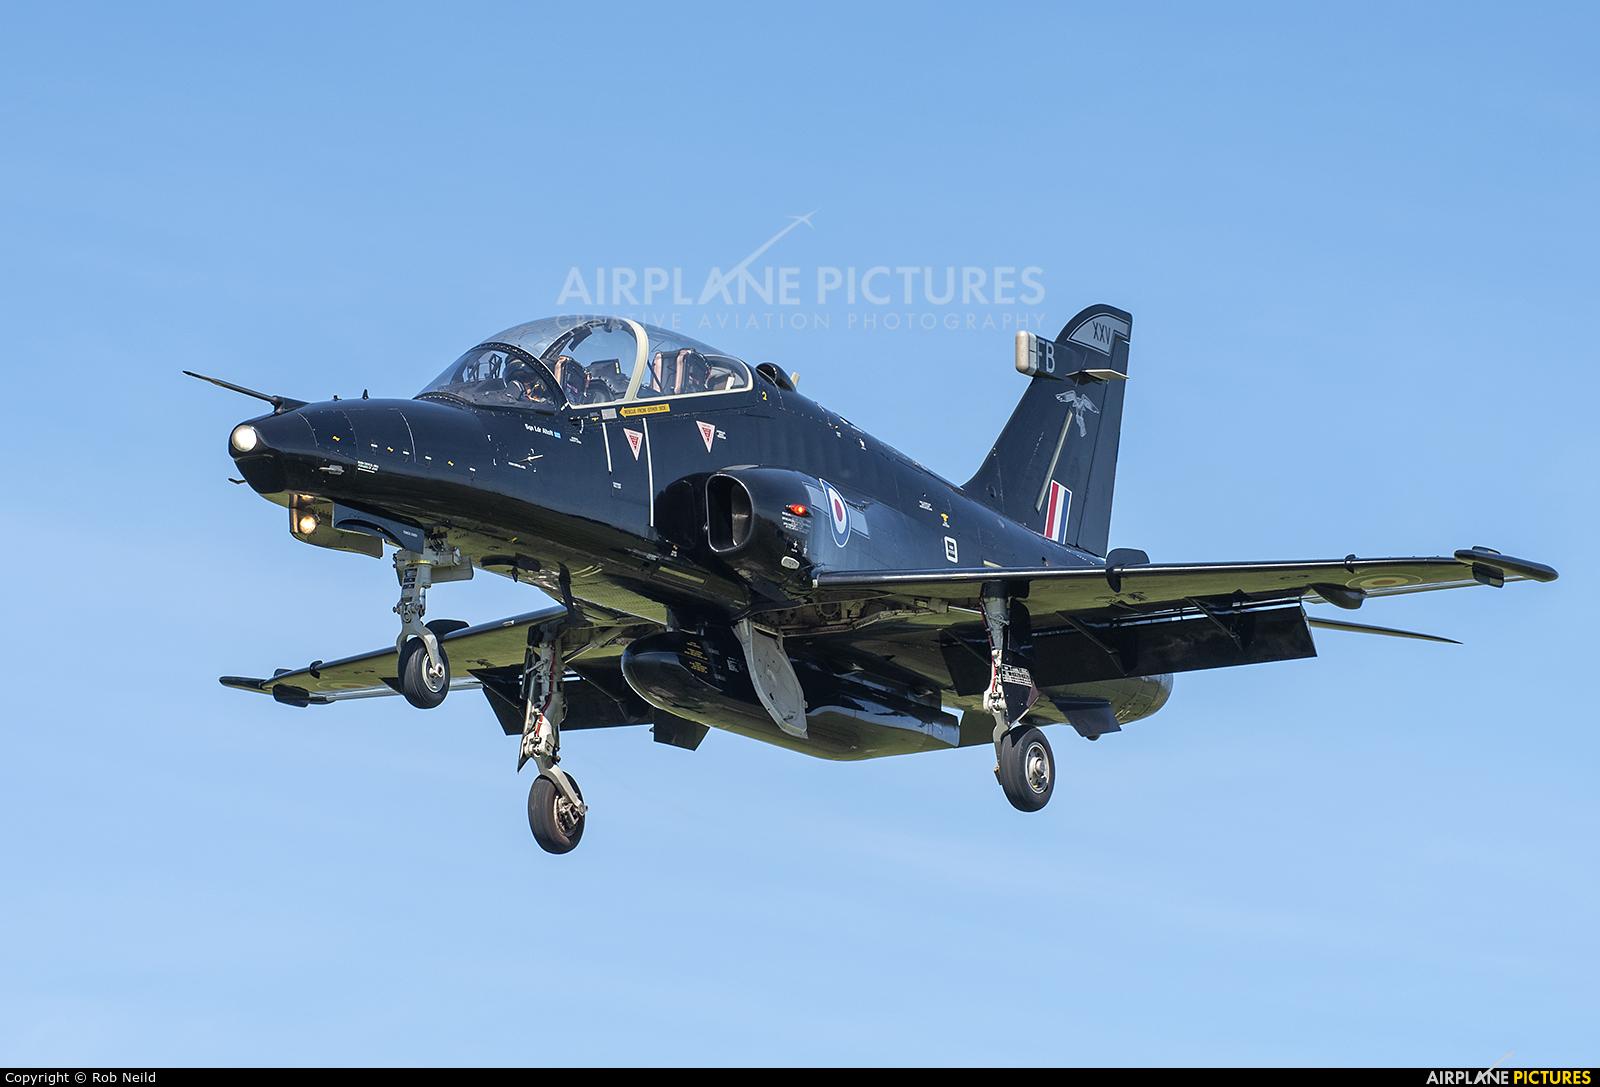 Royal Air Force ZK026 aircraft at Valley